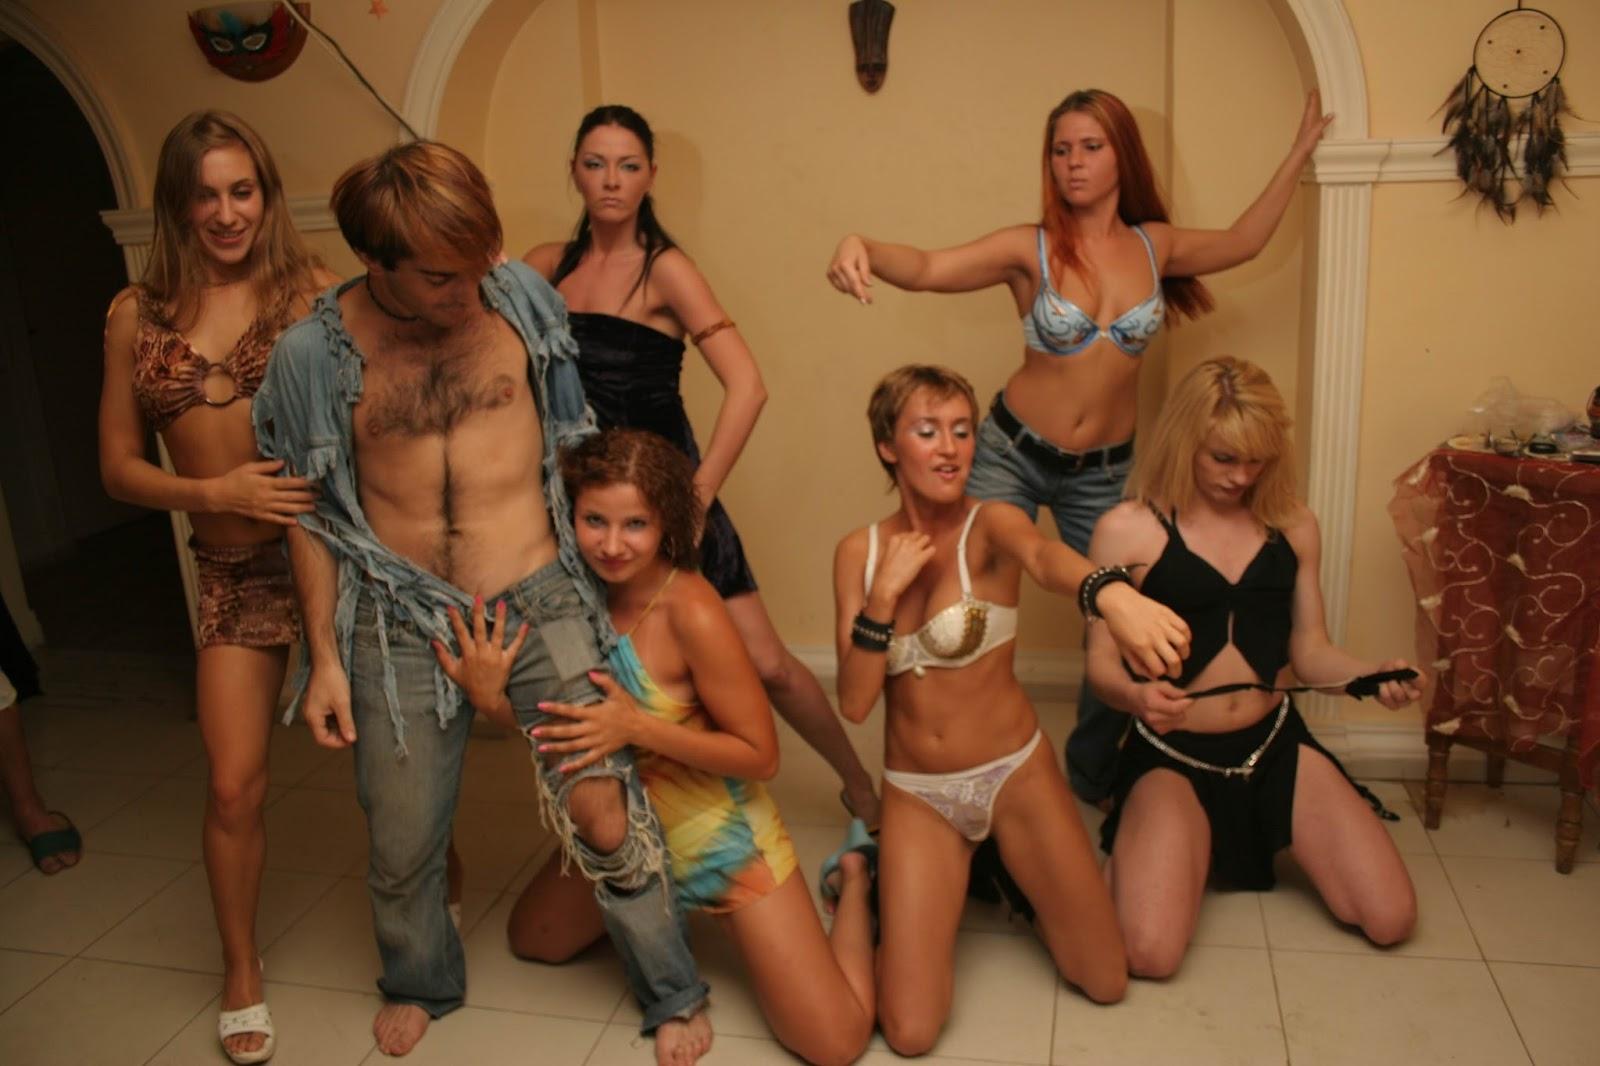 Сексуальная вечеринка санкт петербург порно русским